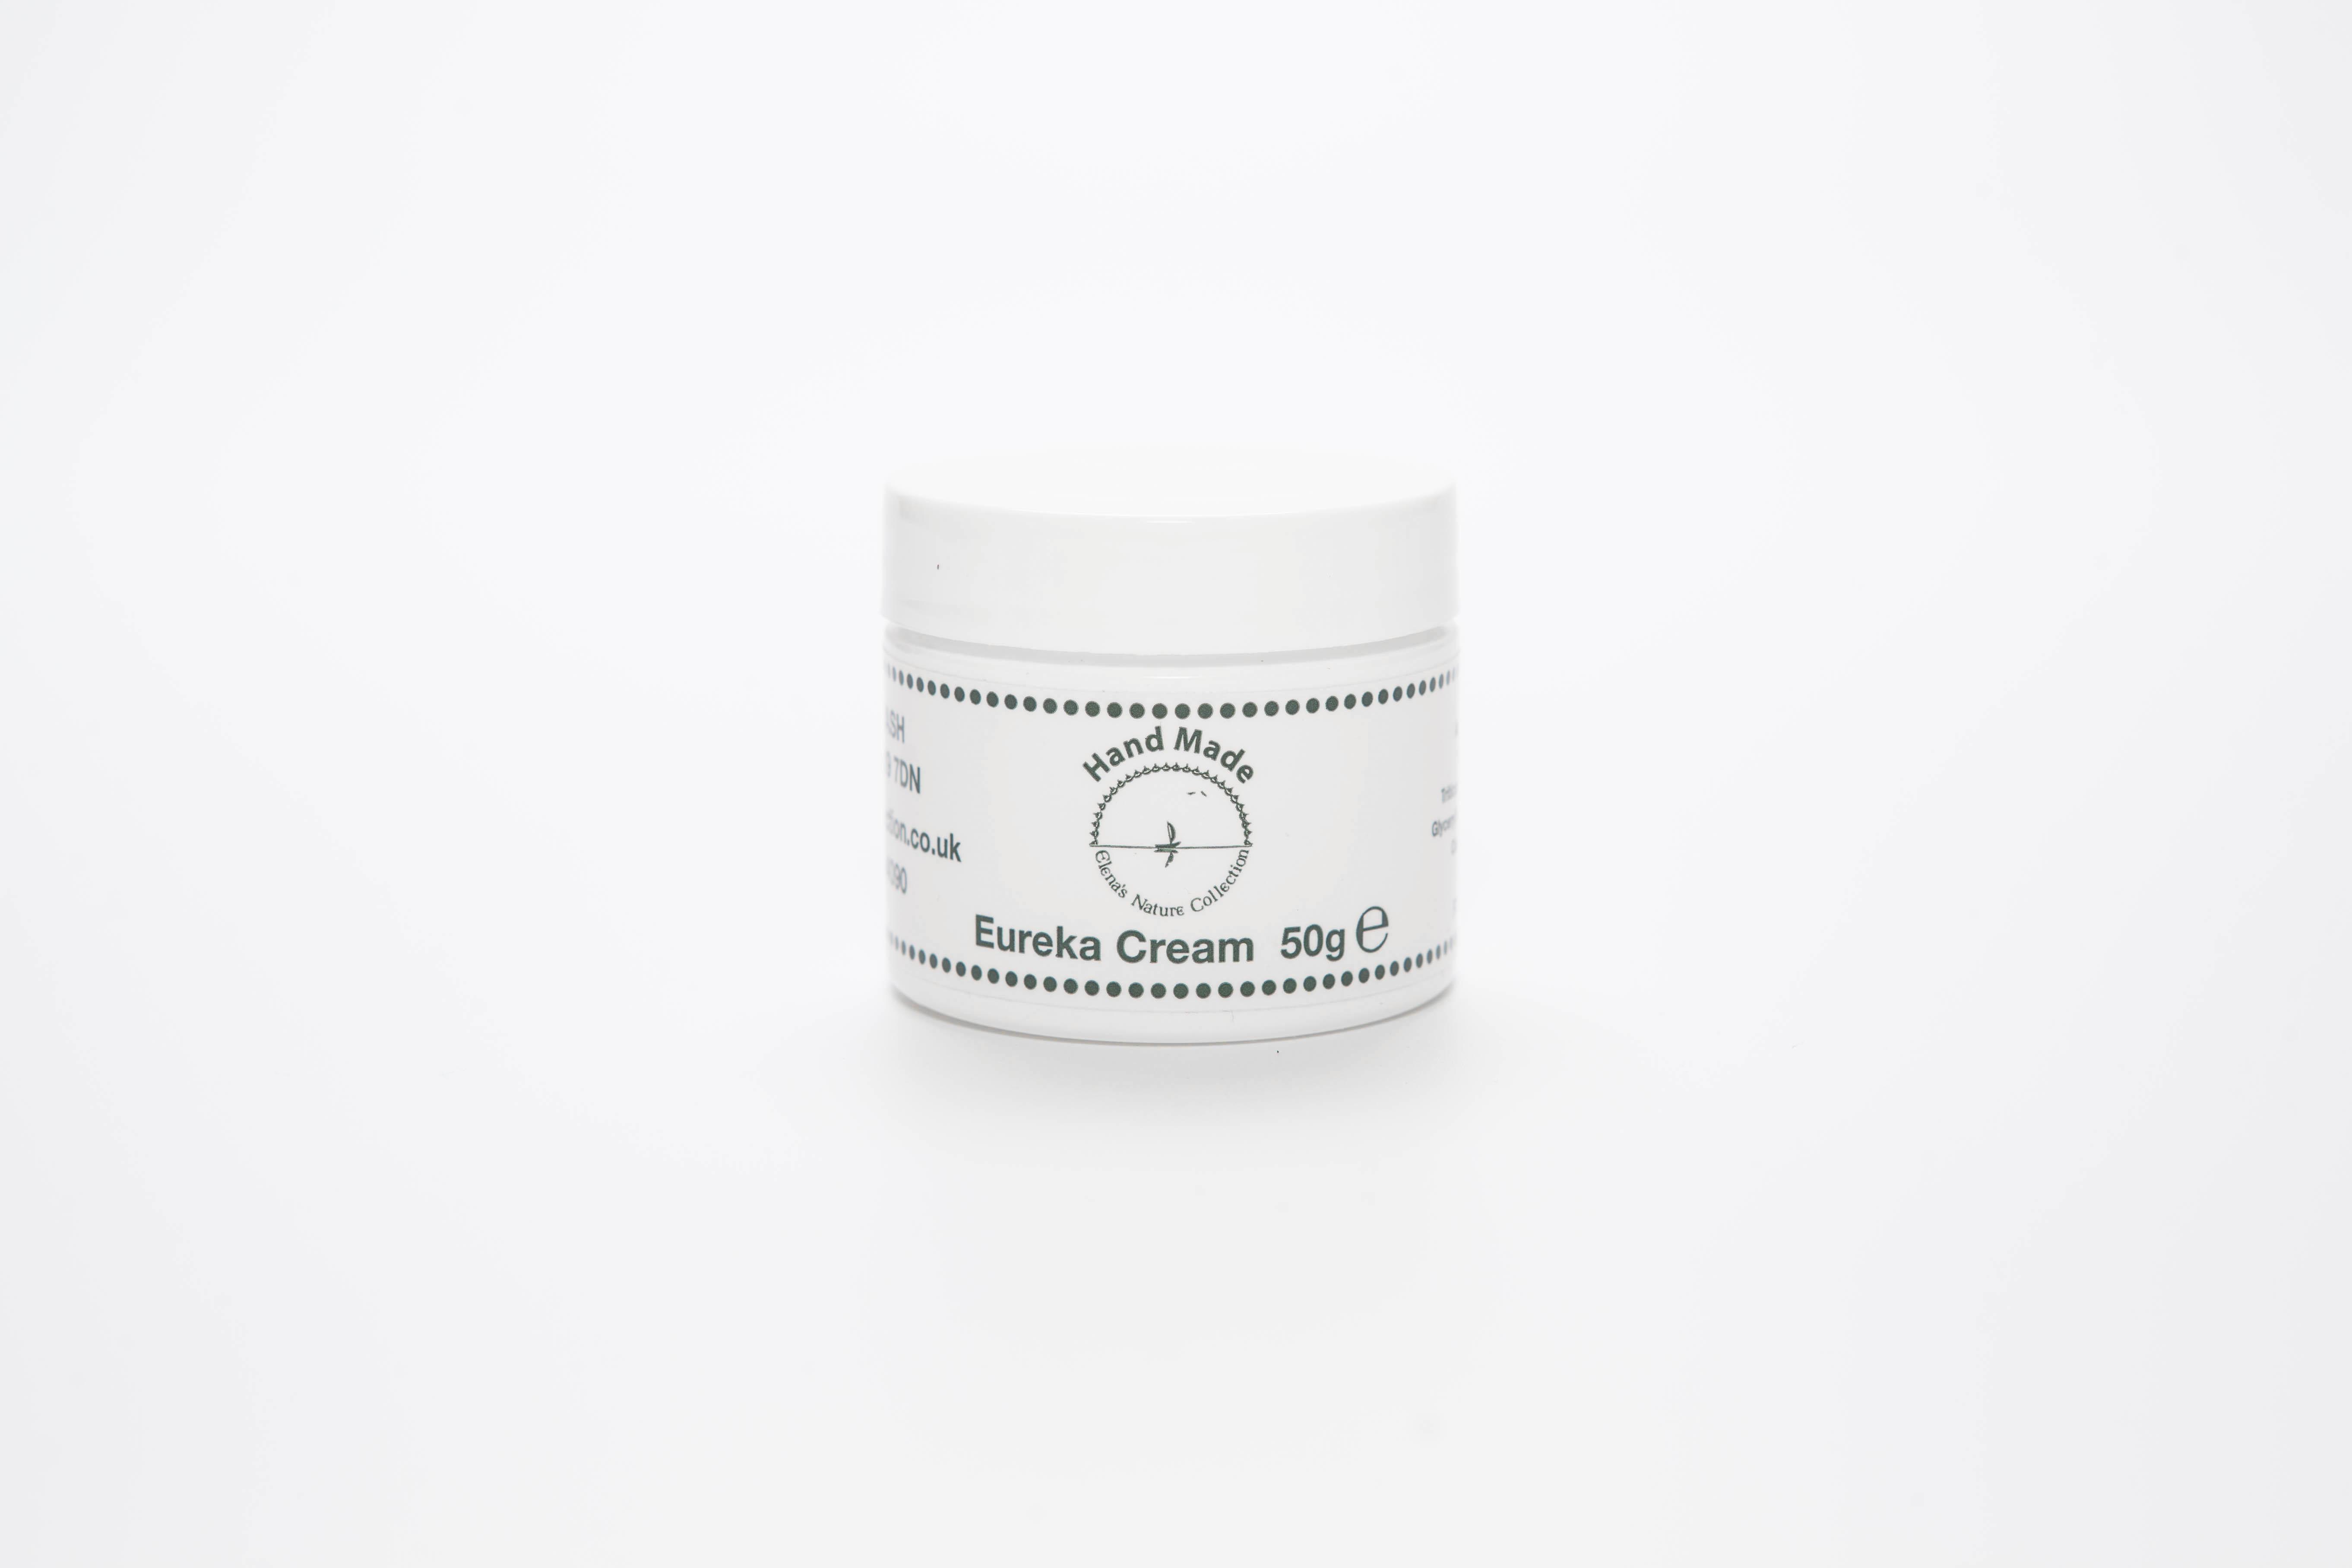 Eureka Cream 50g 00001